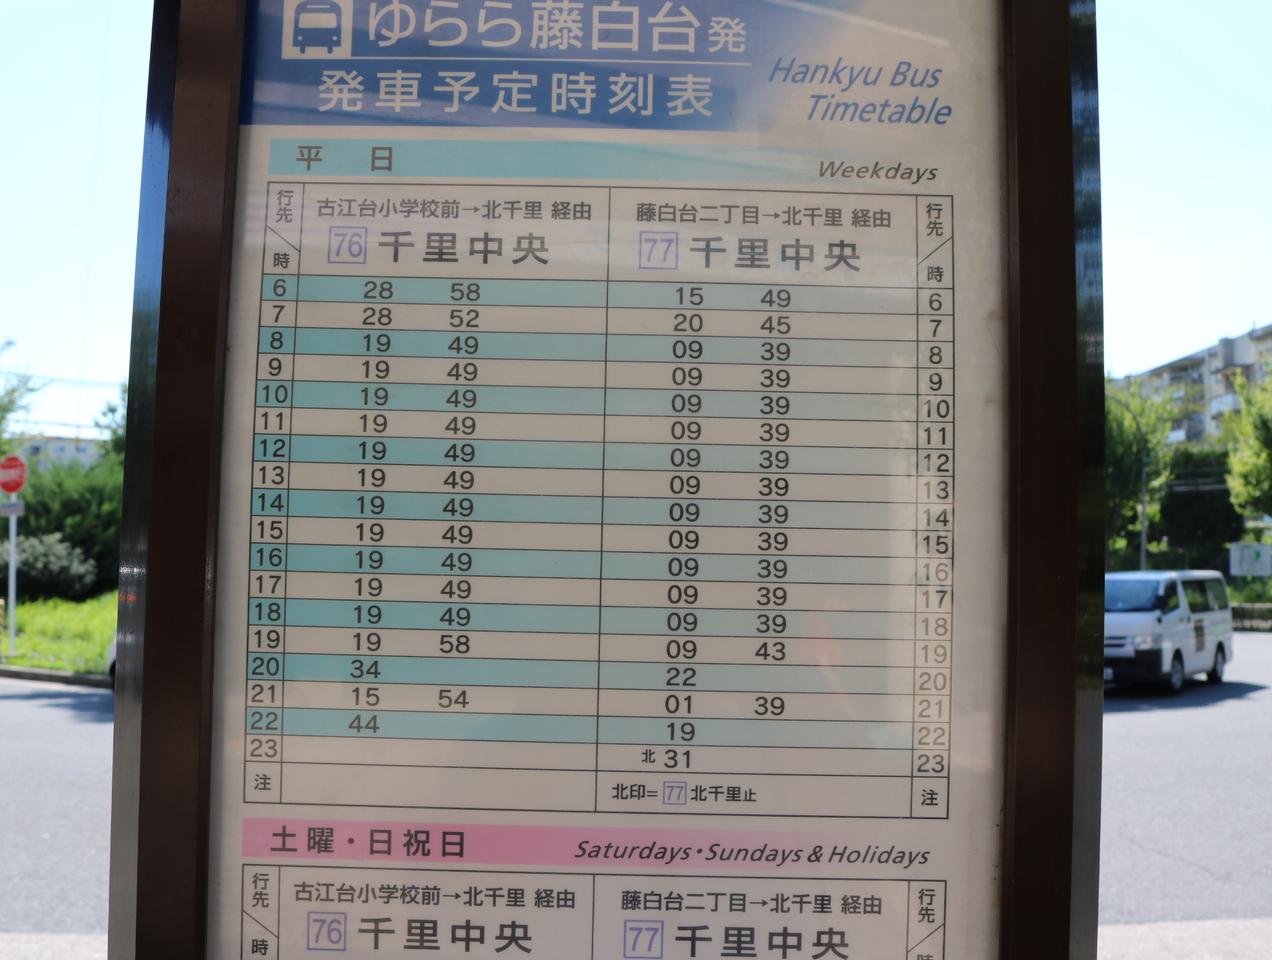 「ゆらら藤白台」バス停発北千里経由 千里中央行の時刻表です。 (平日)